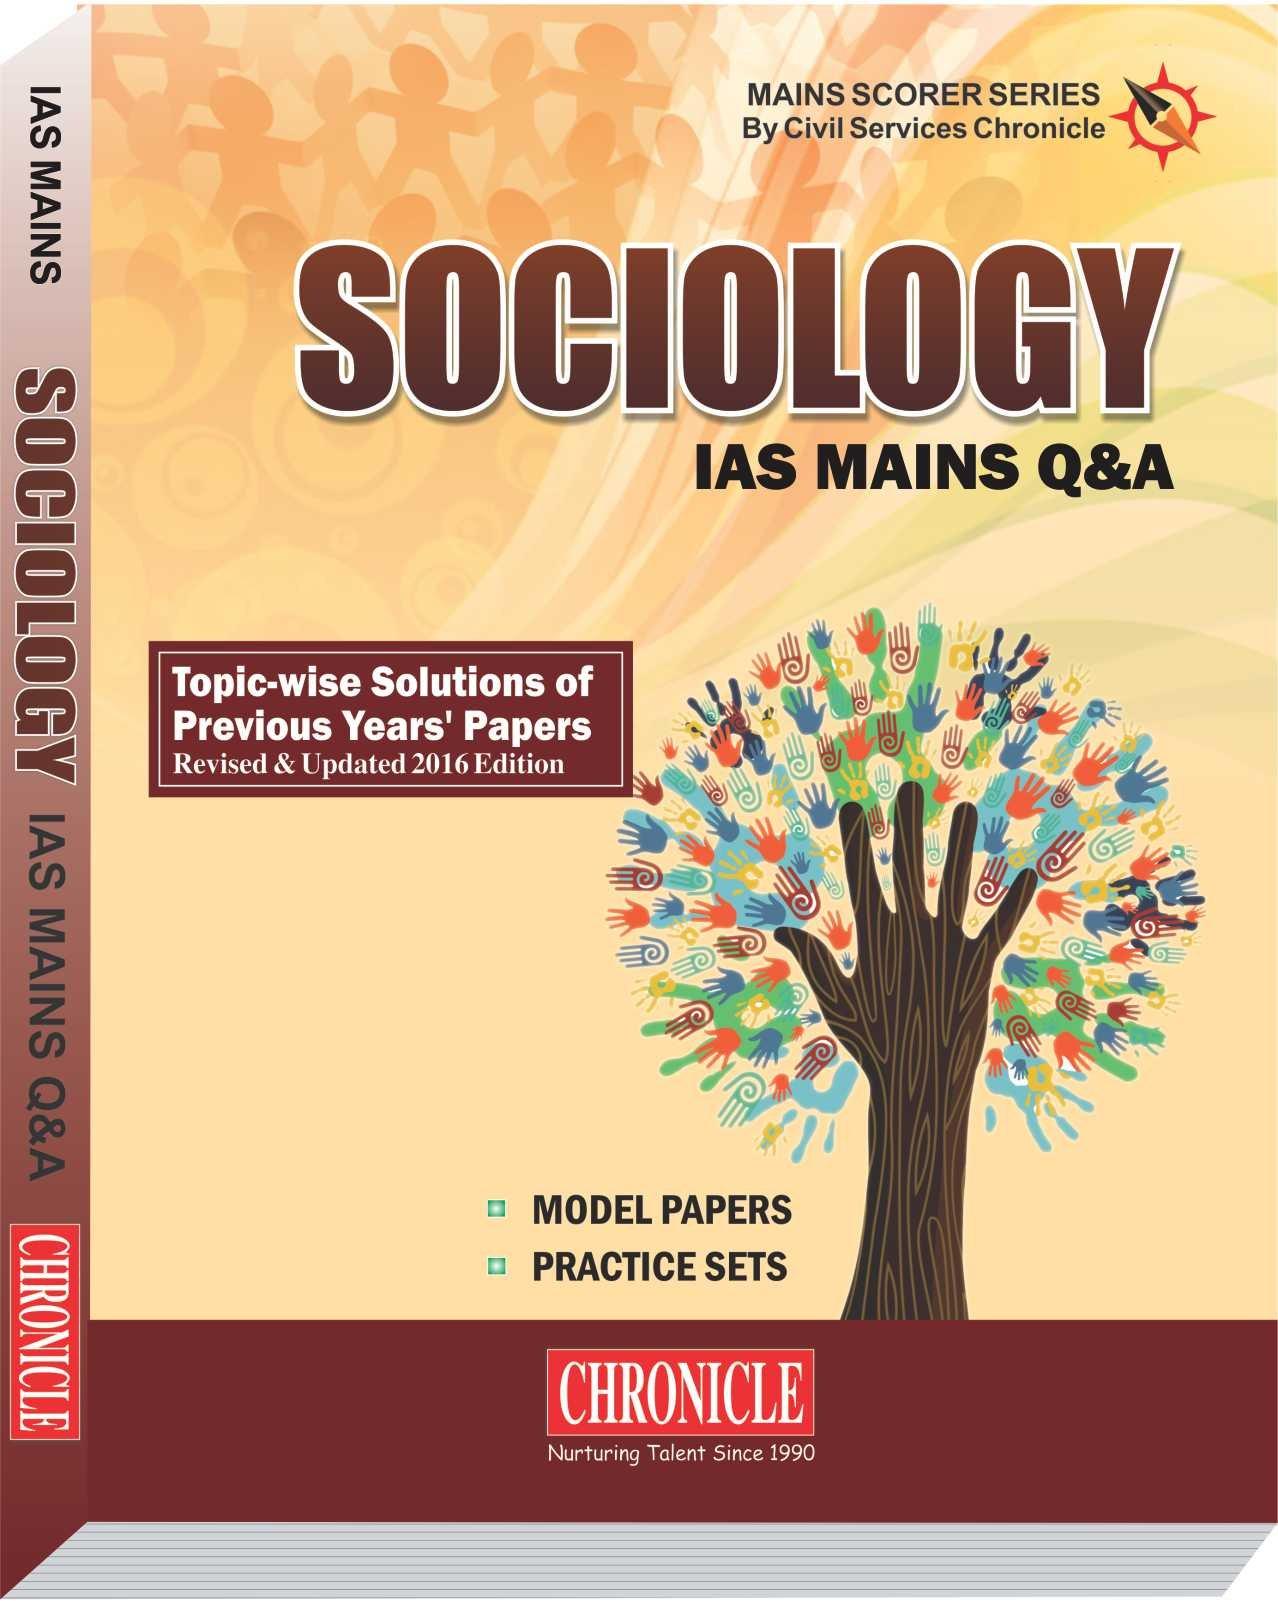 sociology essay questions upsc ias